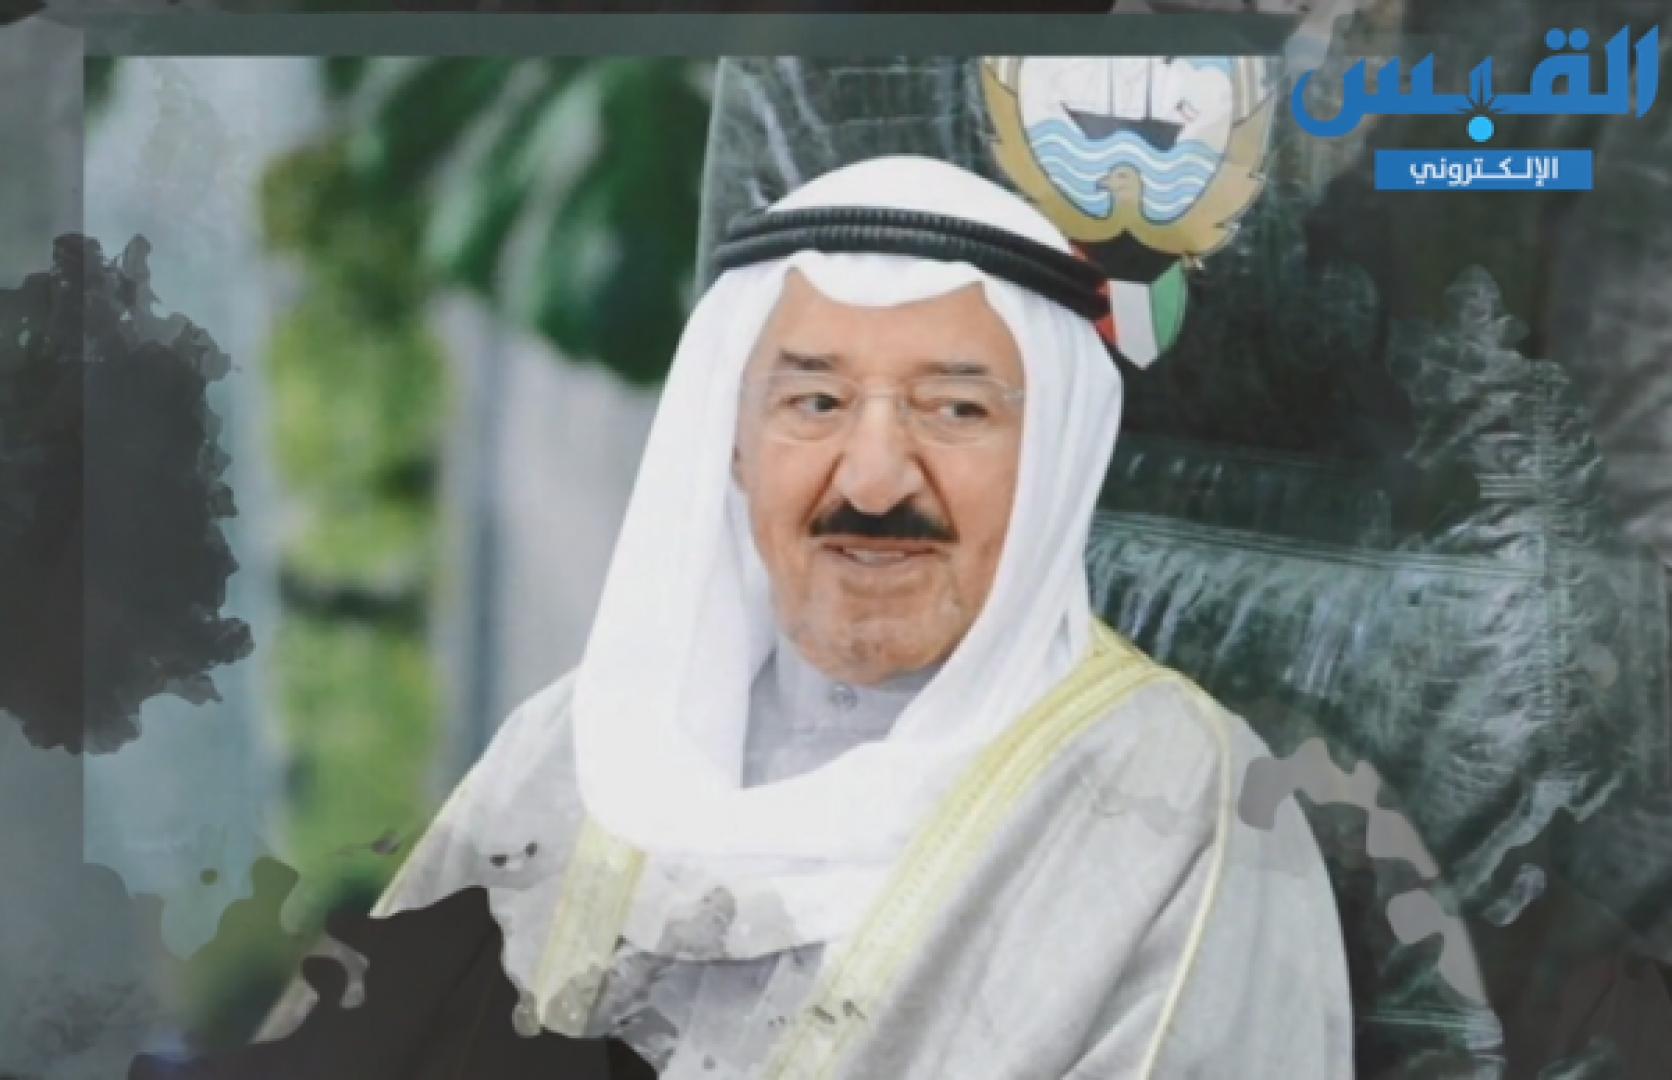 الكويتيون على كلمة سواء ترحيباً بصاحب السمو: «ولهنا عليك يابو ناصر»